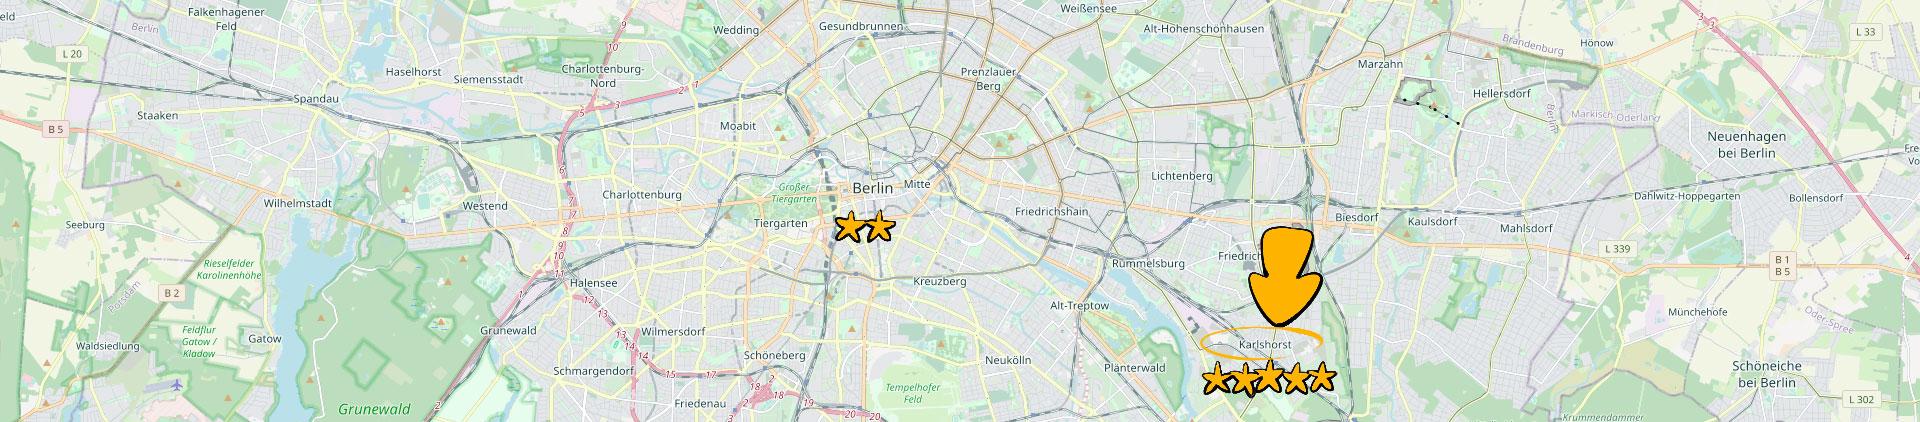 Bild eines Kartenausschnitts der Berlin und speziell Karlshort zeigt